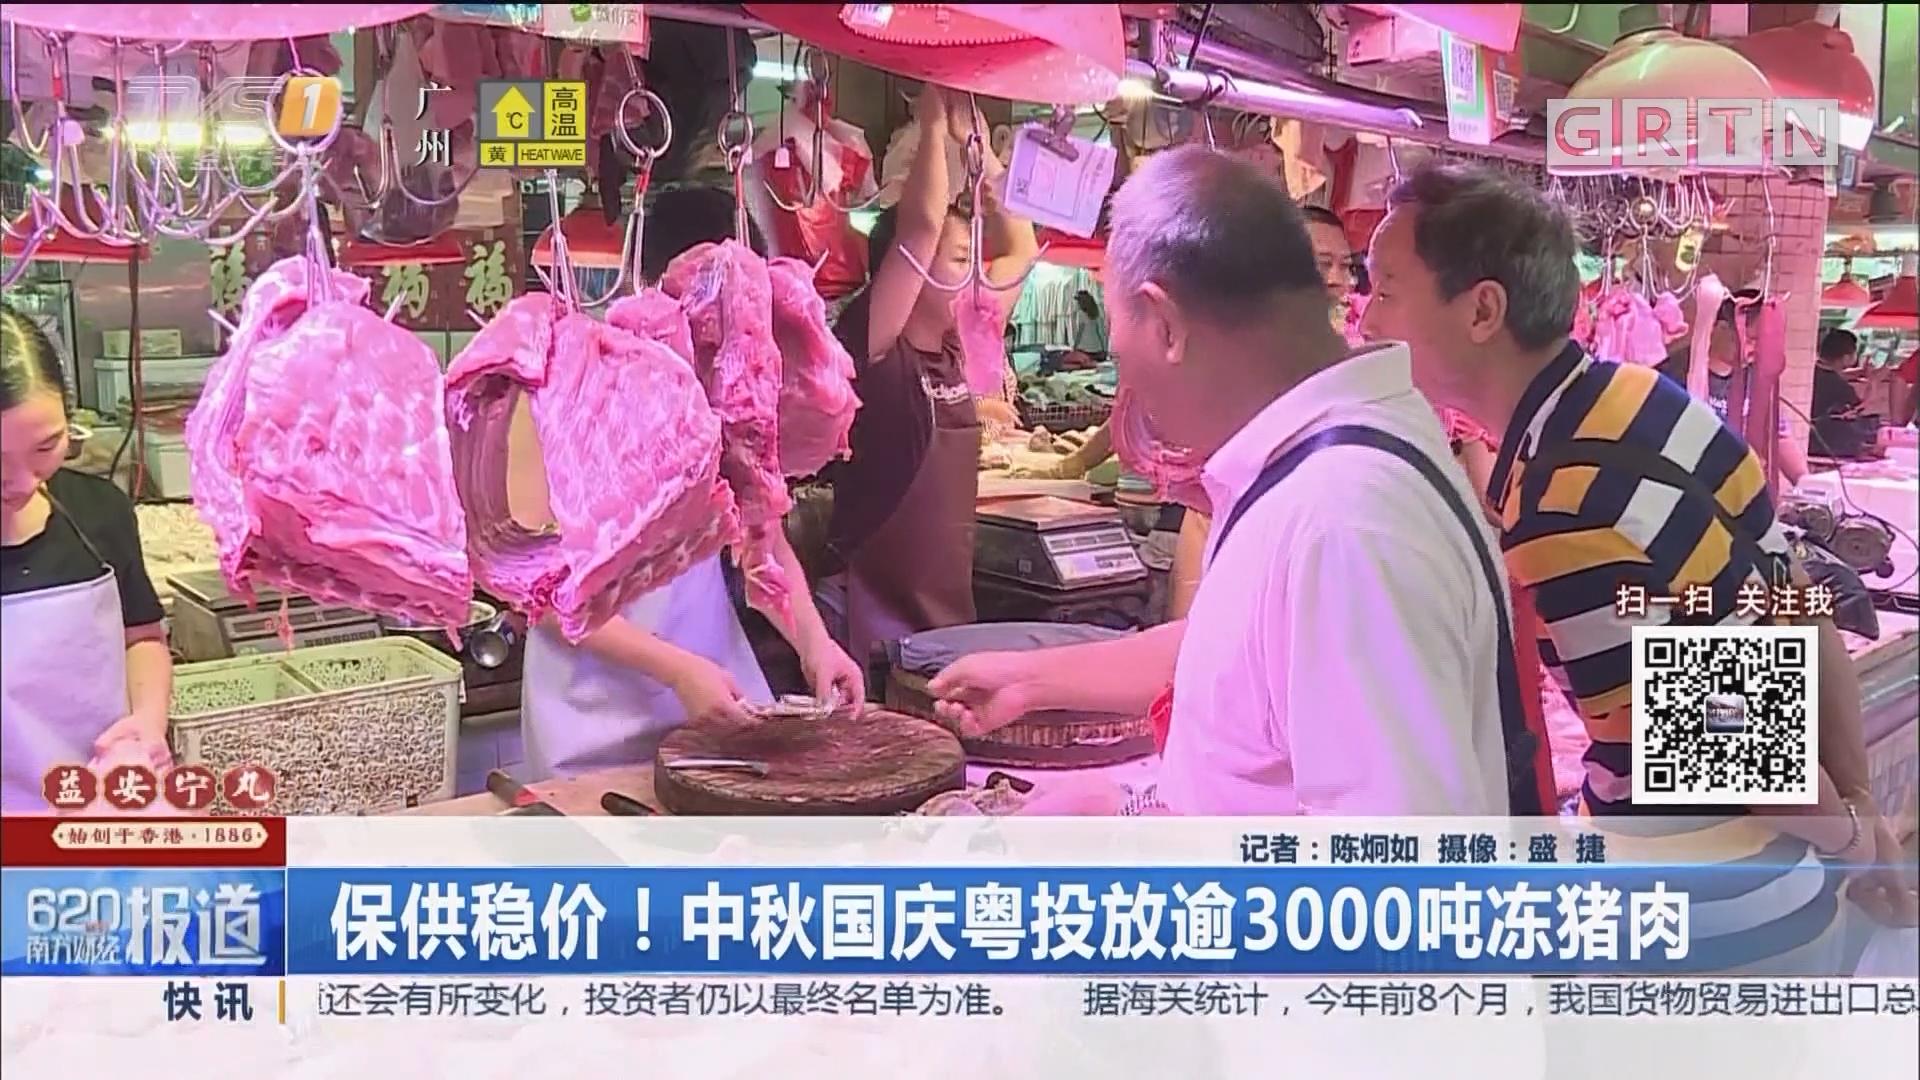 保供稳价!中秋国庆粤投放逾3000吨冻猪肉